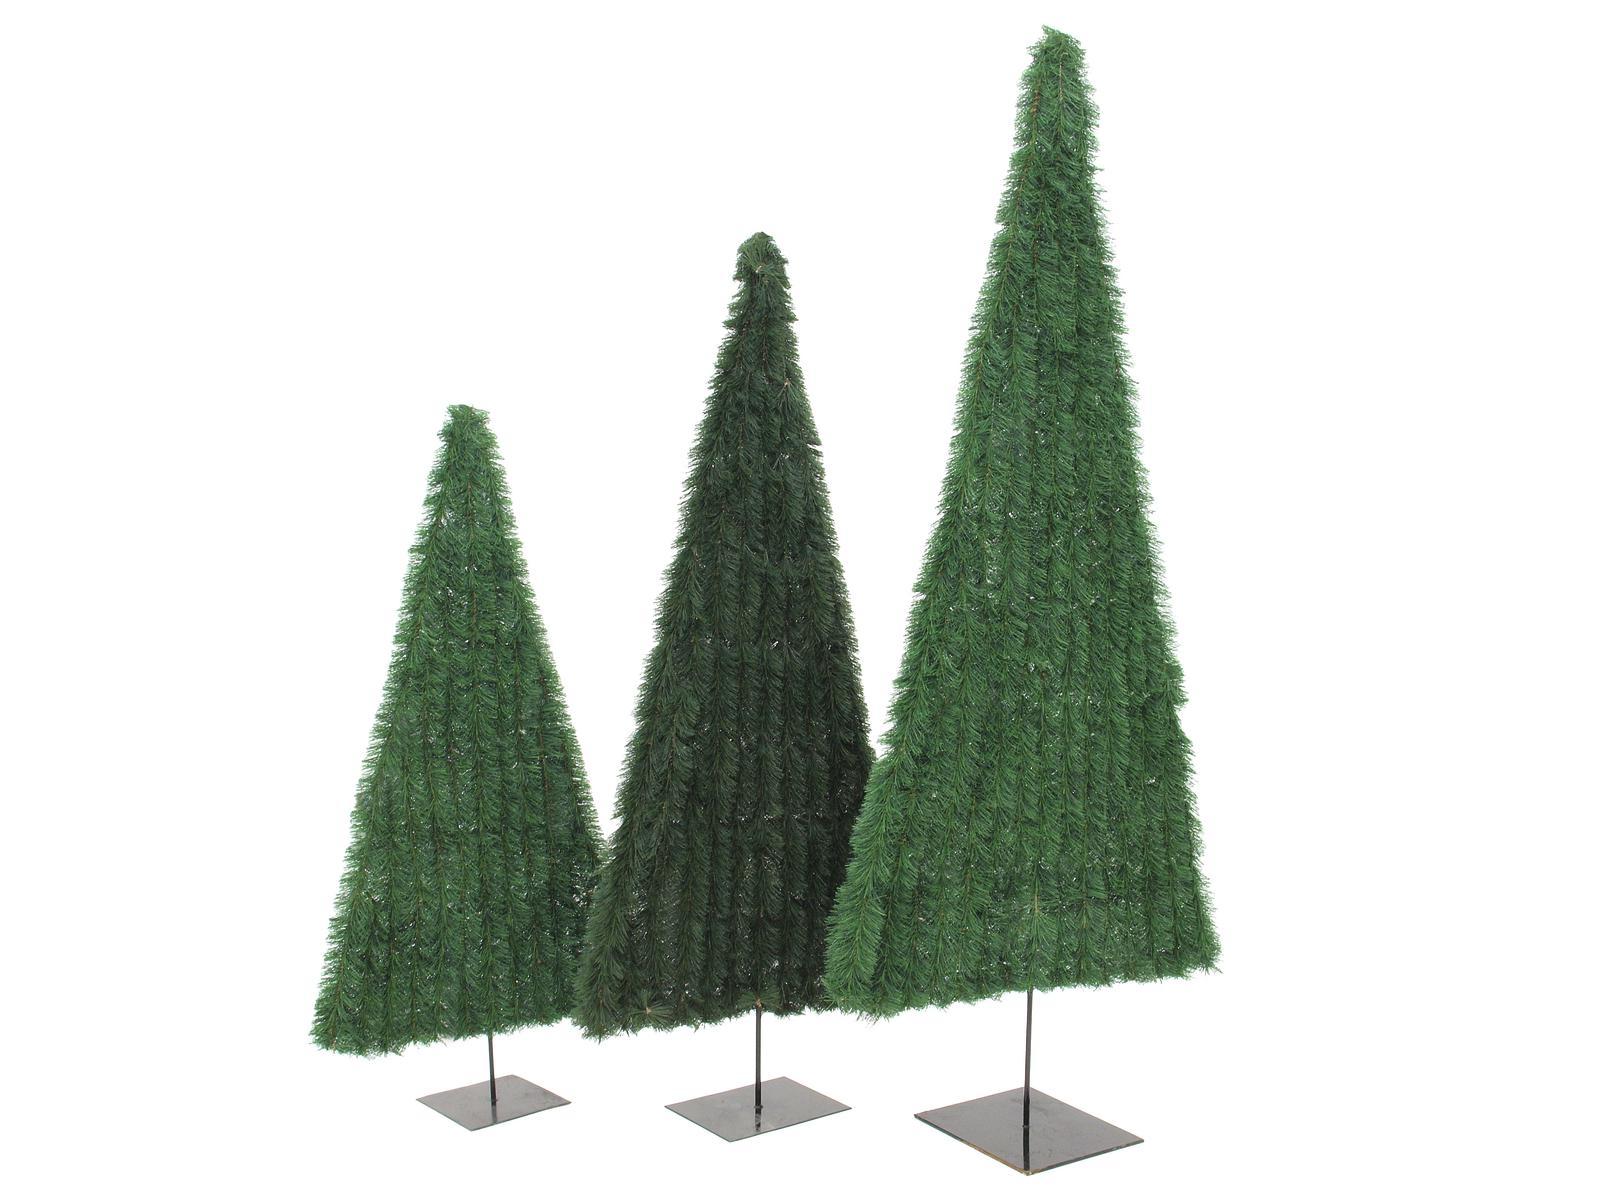 EUROPALMS pianta artificiale albero di Abete verde chiaro, 150cm